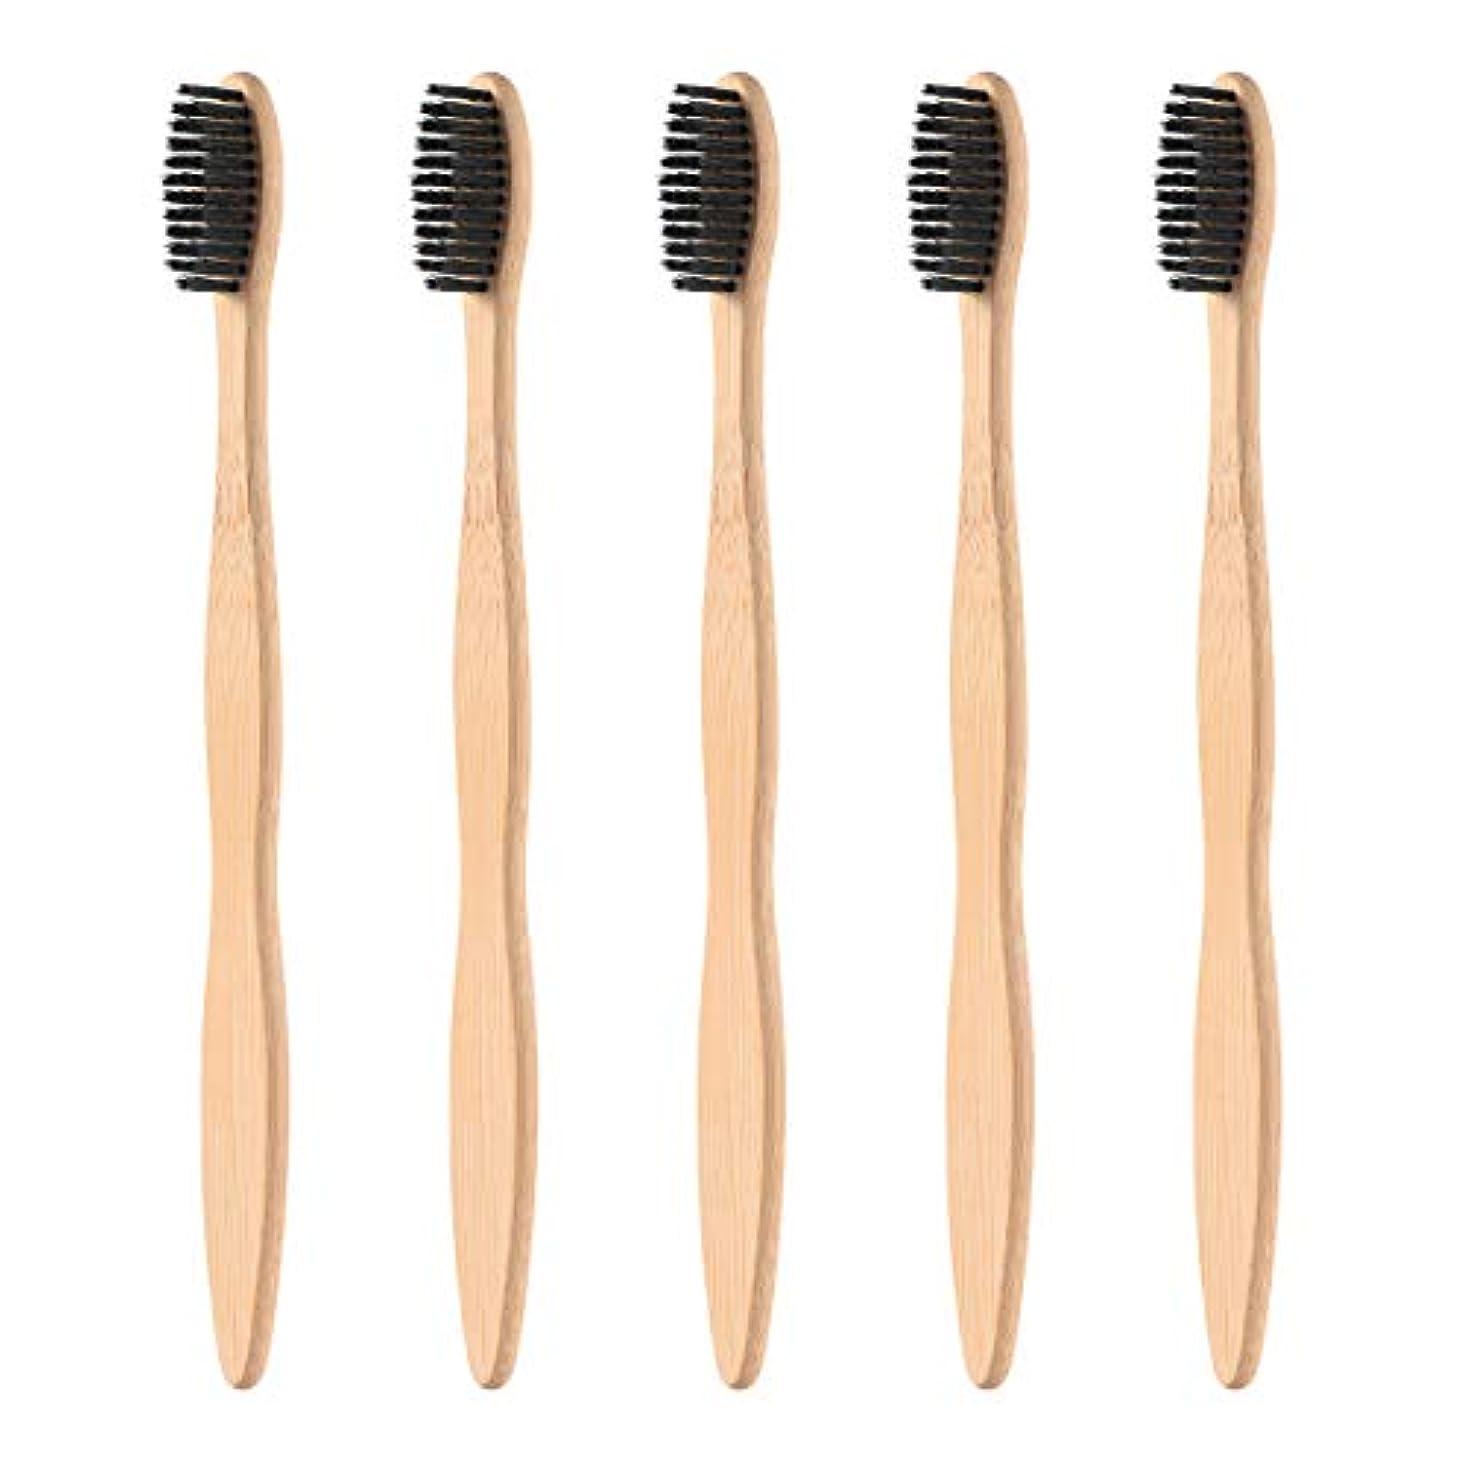 挑む異なる側面Healifty 柔らかい黒い剛毛が付いている5pcsタケハンドルの歯ブラシの自然な木のEcoの友好的な歯ブラシ